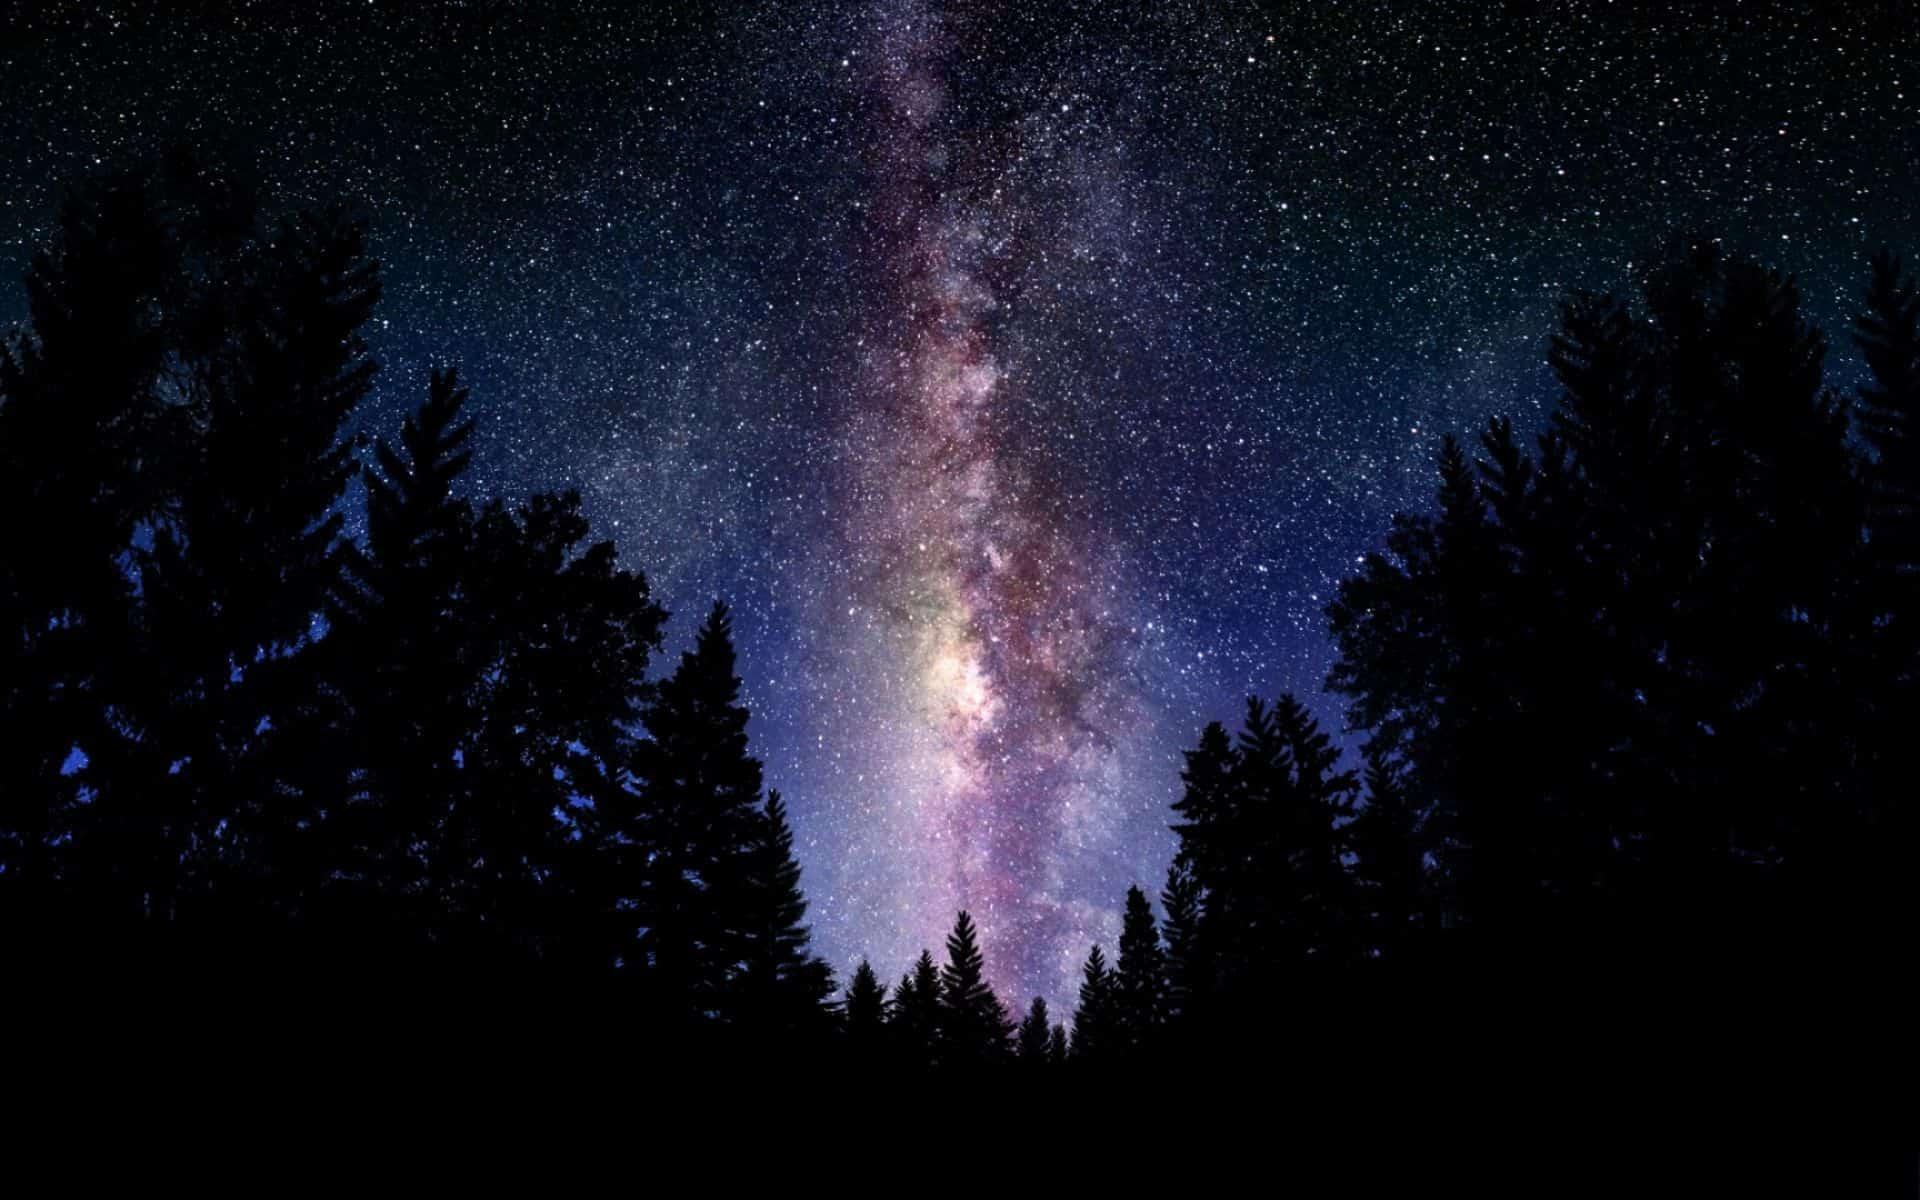 Изображение - Толкование сна звезда proxy?url=https%3A%2F%2Ftayniymir.com%2Fwp-content%2Fuploads%2F2017%2F08%2F48i59834b6b2d37e7.38622128-1